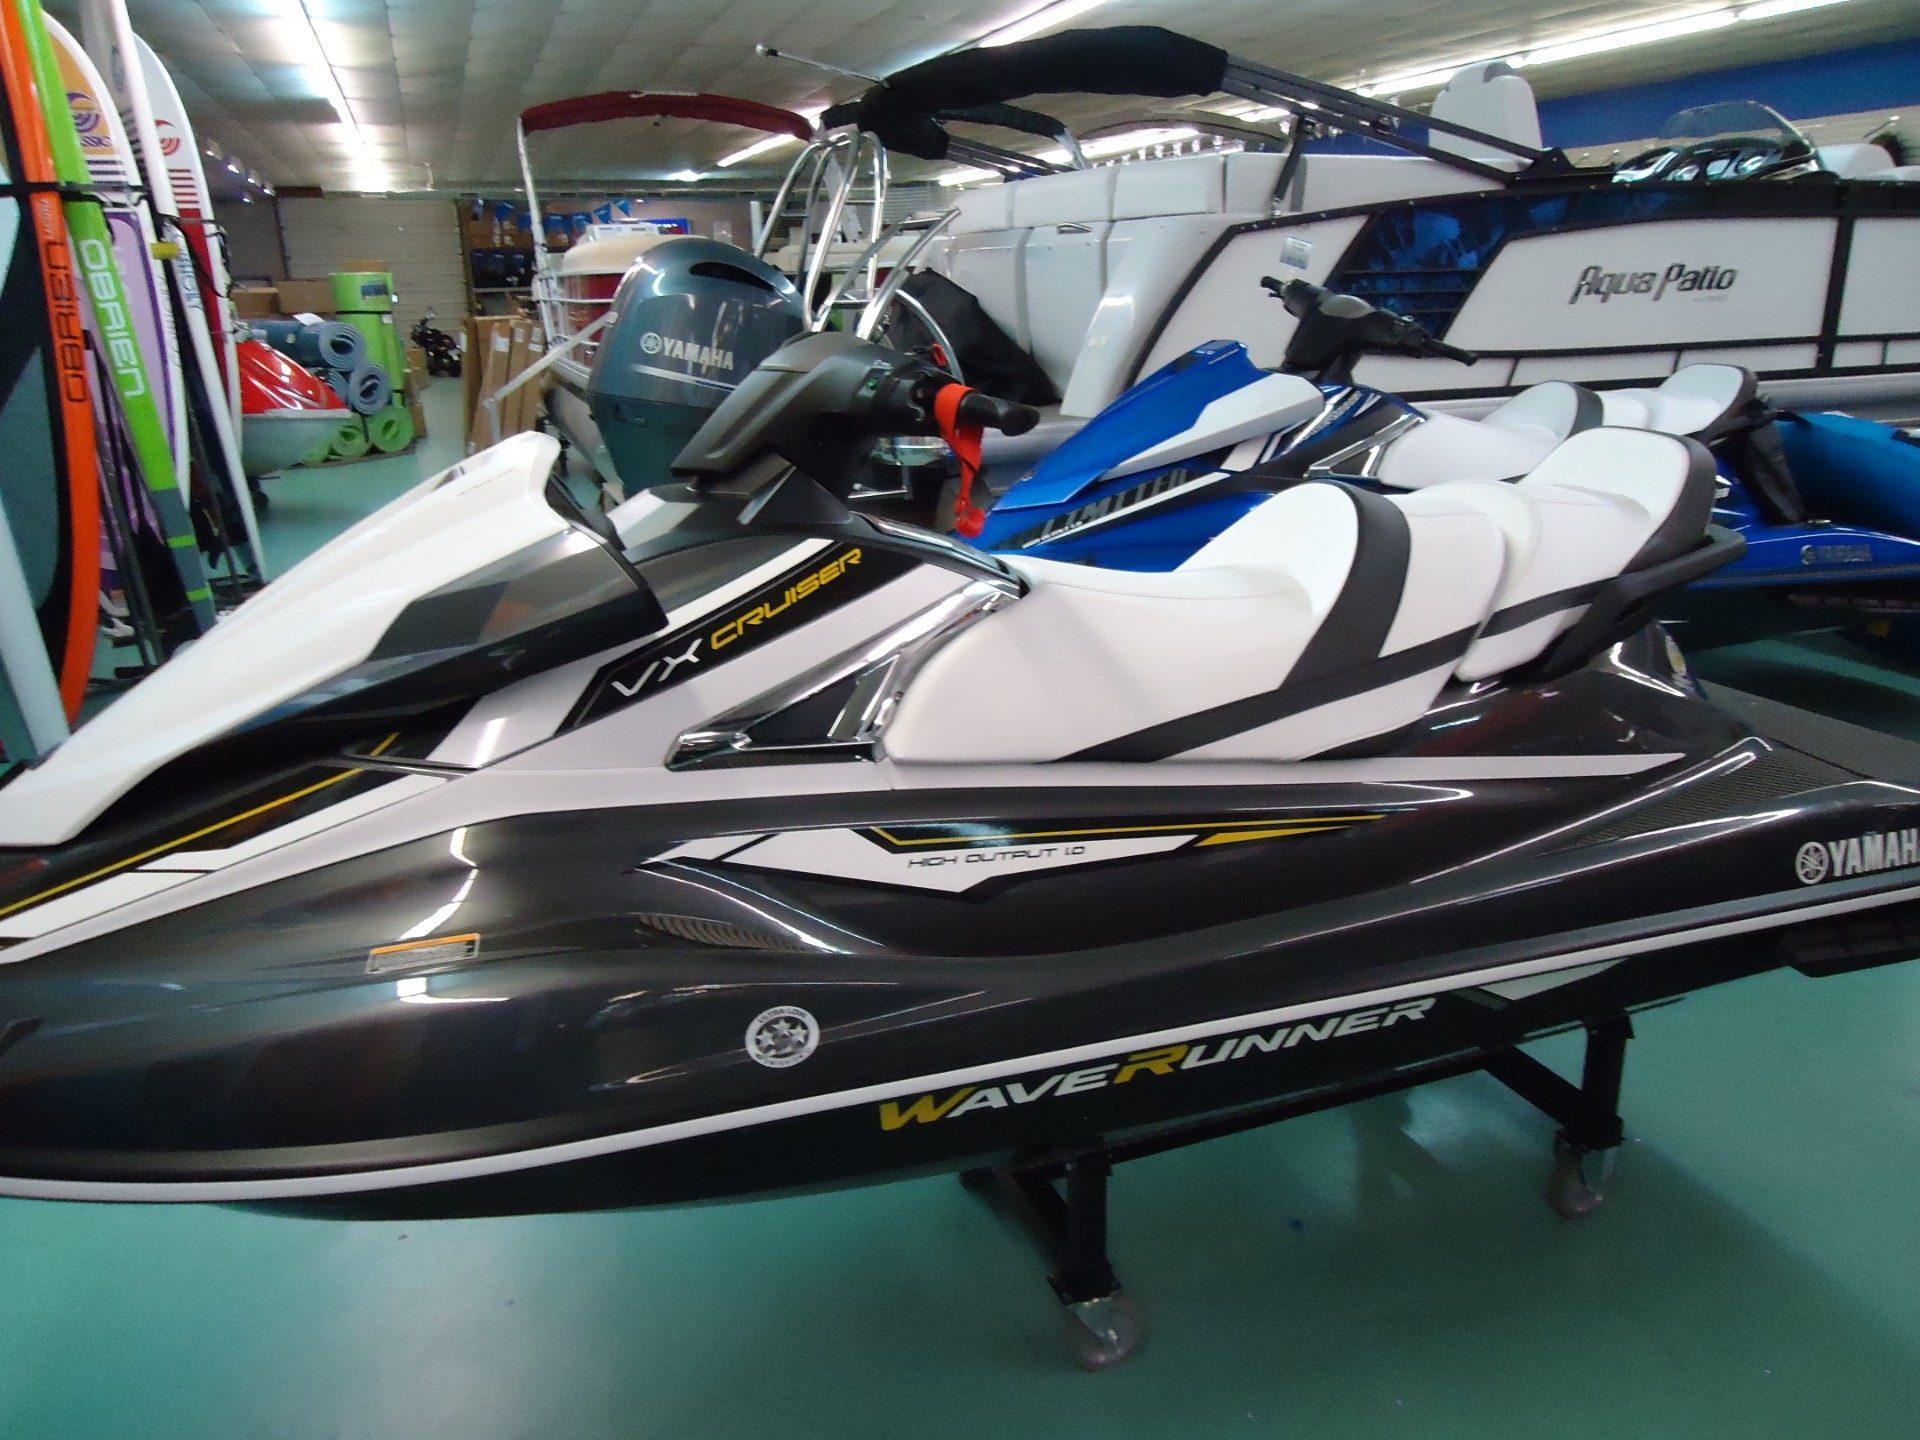 2017 Yamaha VX Cruiser 3